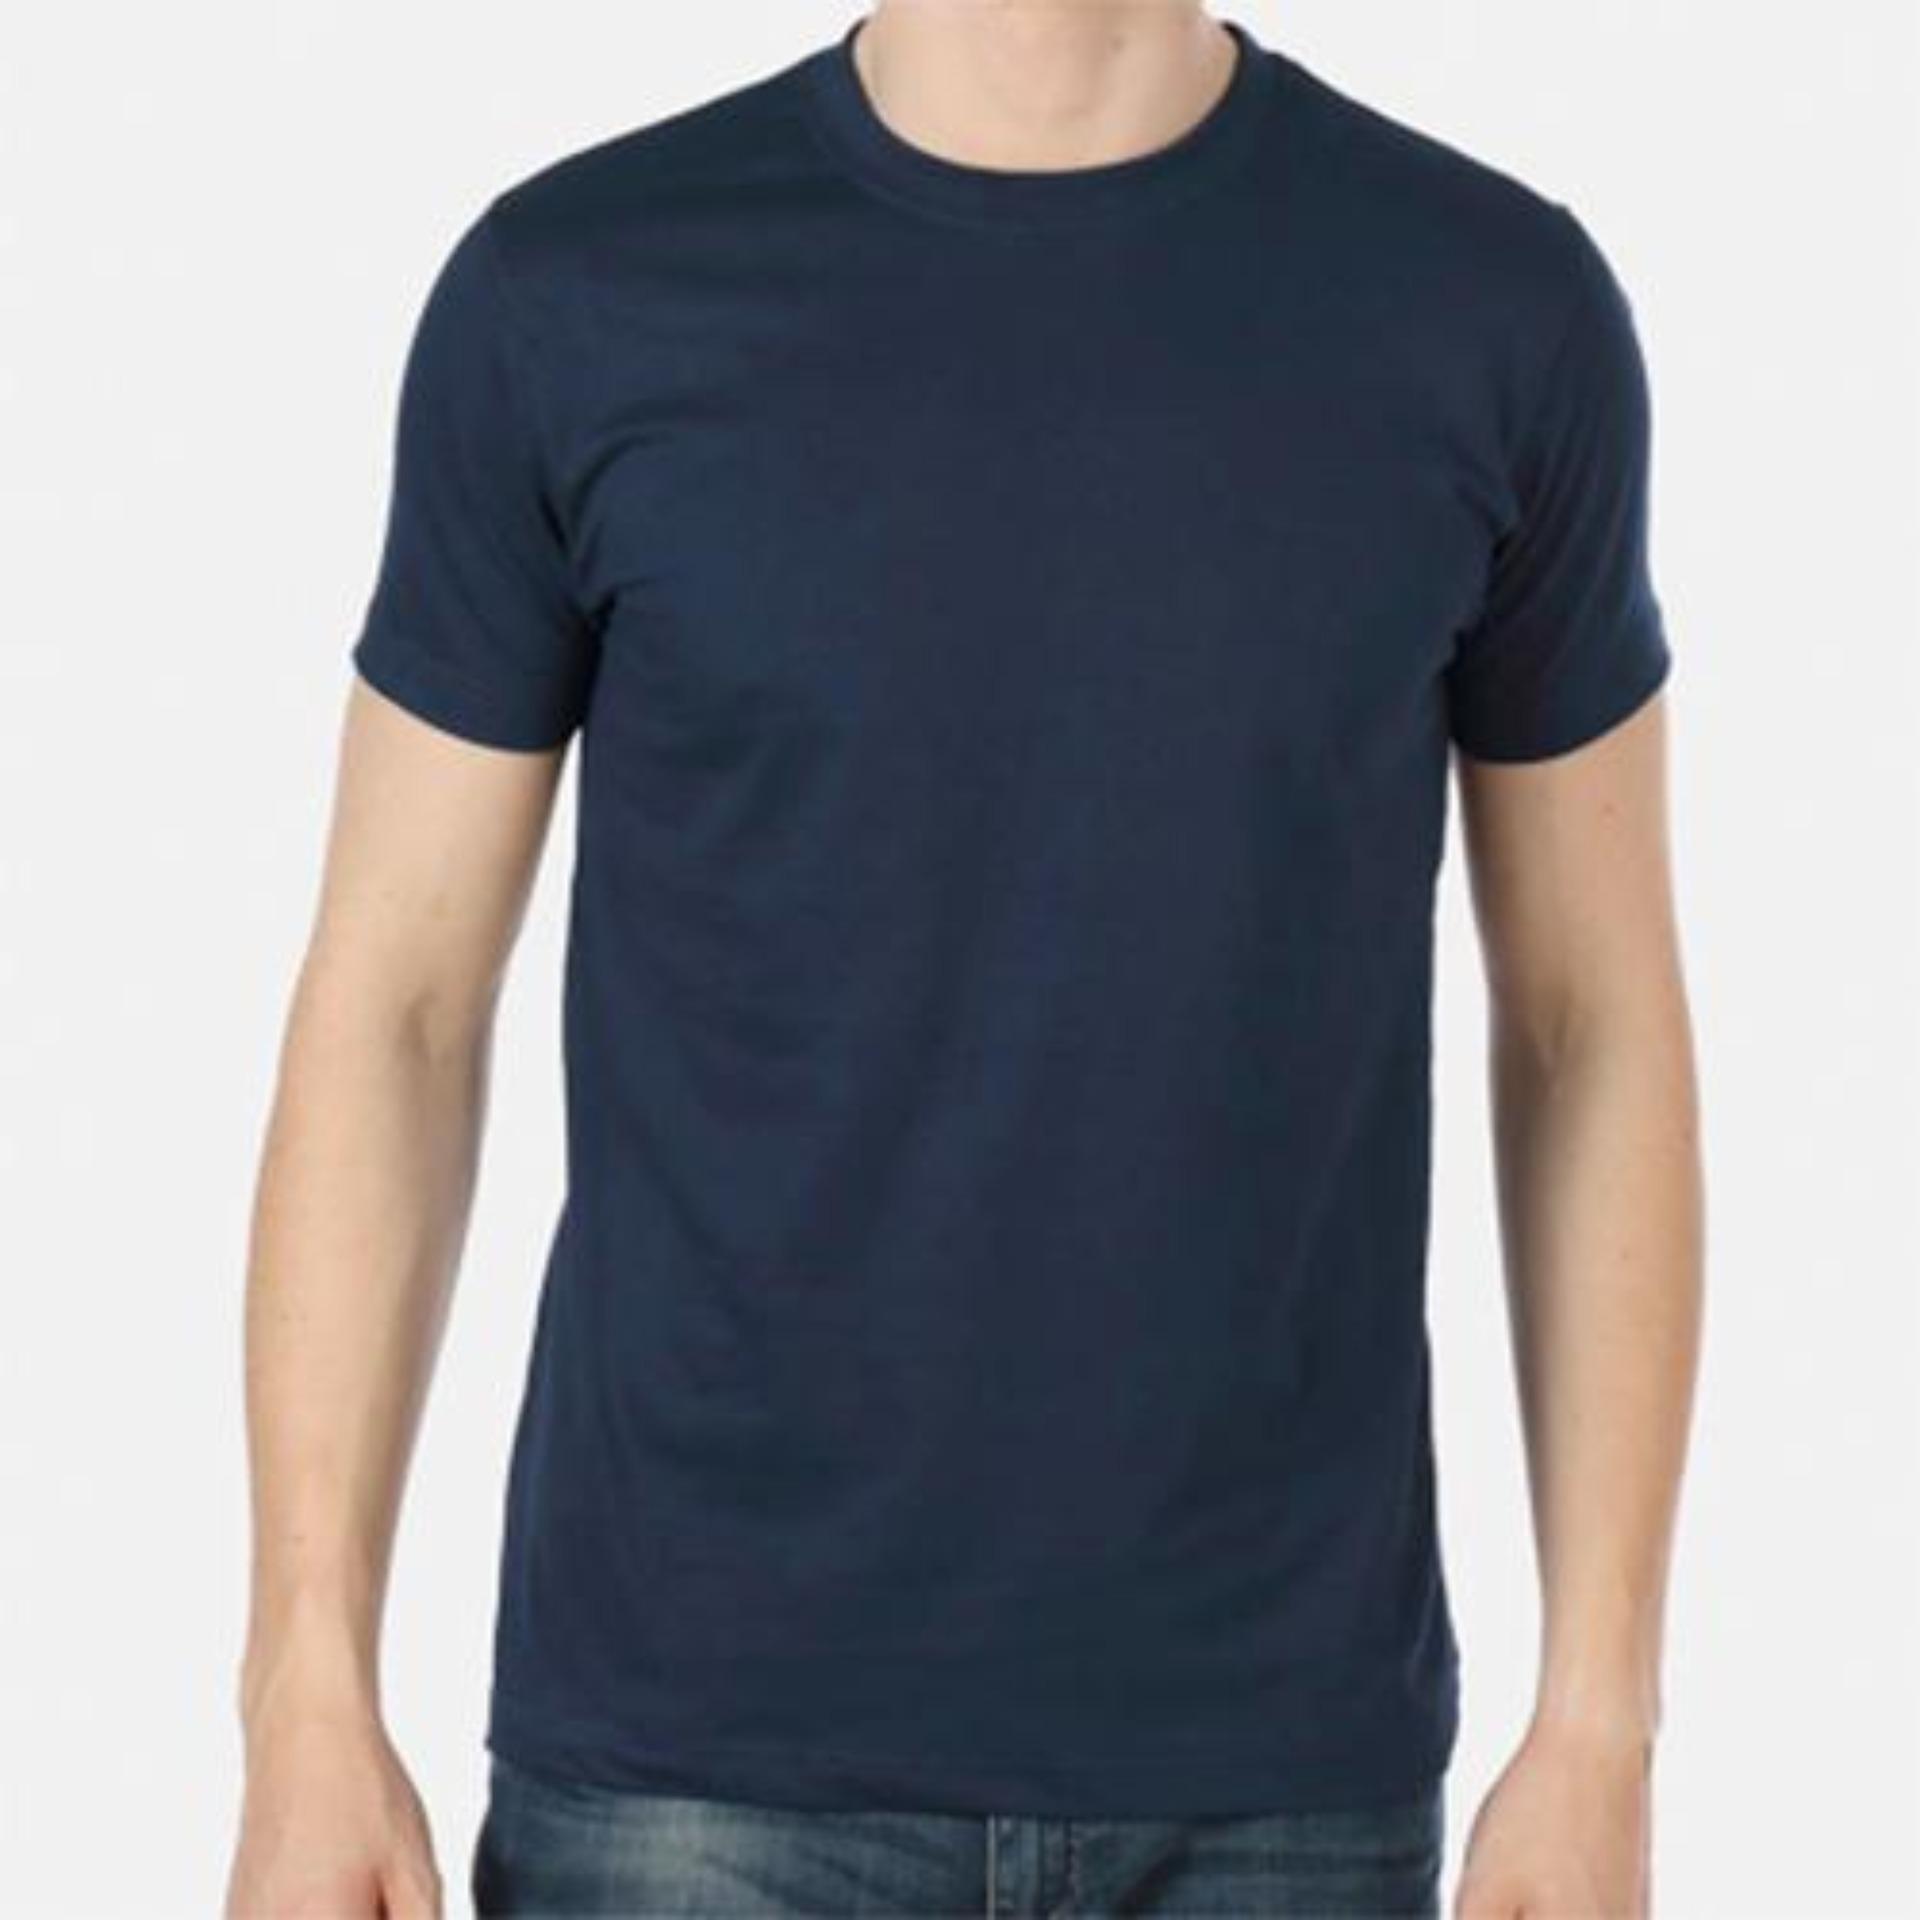 Kaos oblong navy biru Dongker polos pria elastis